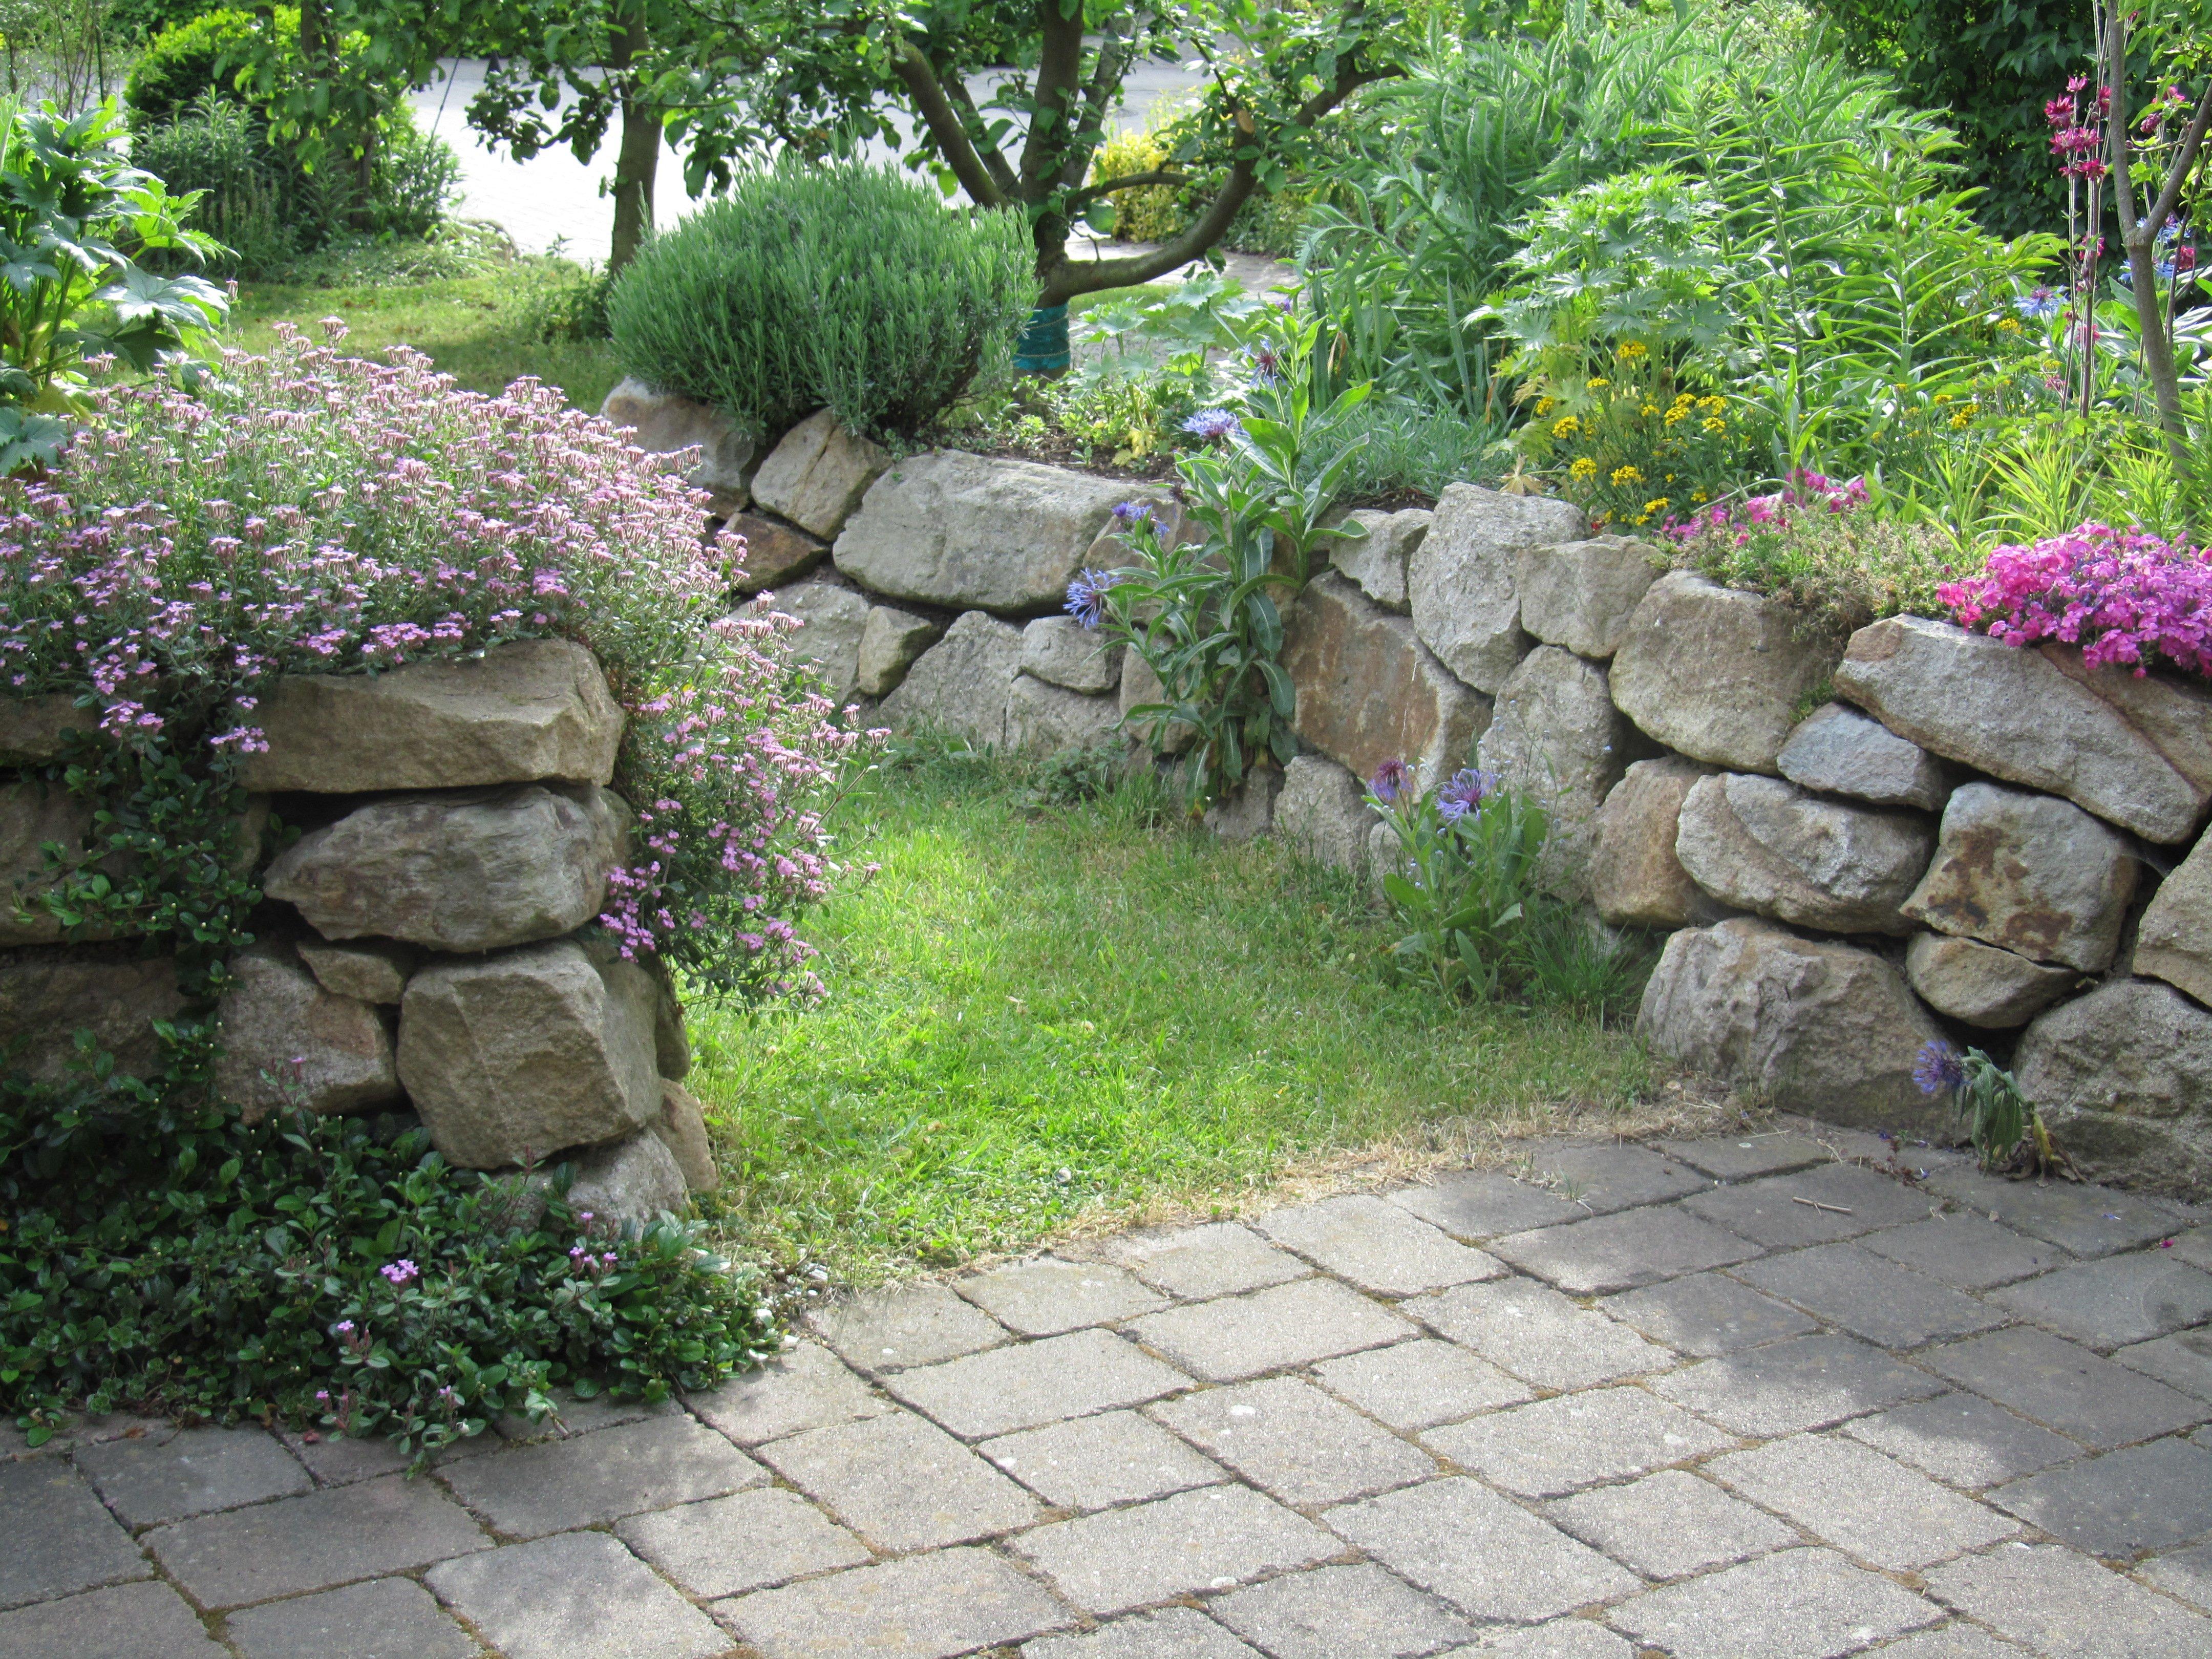 trockenmauern - das garten-lexikon der pflanzenfamilien von floristik24